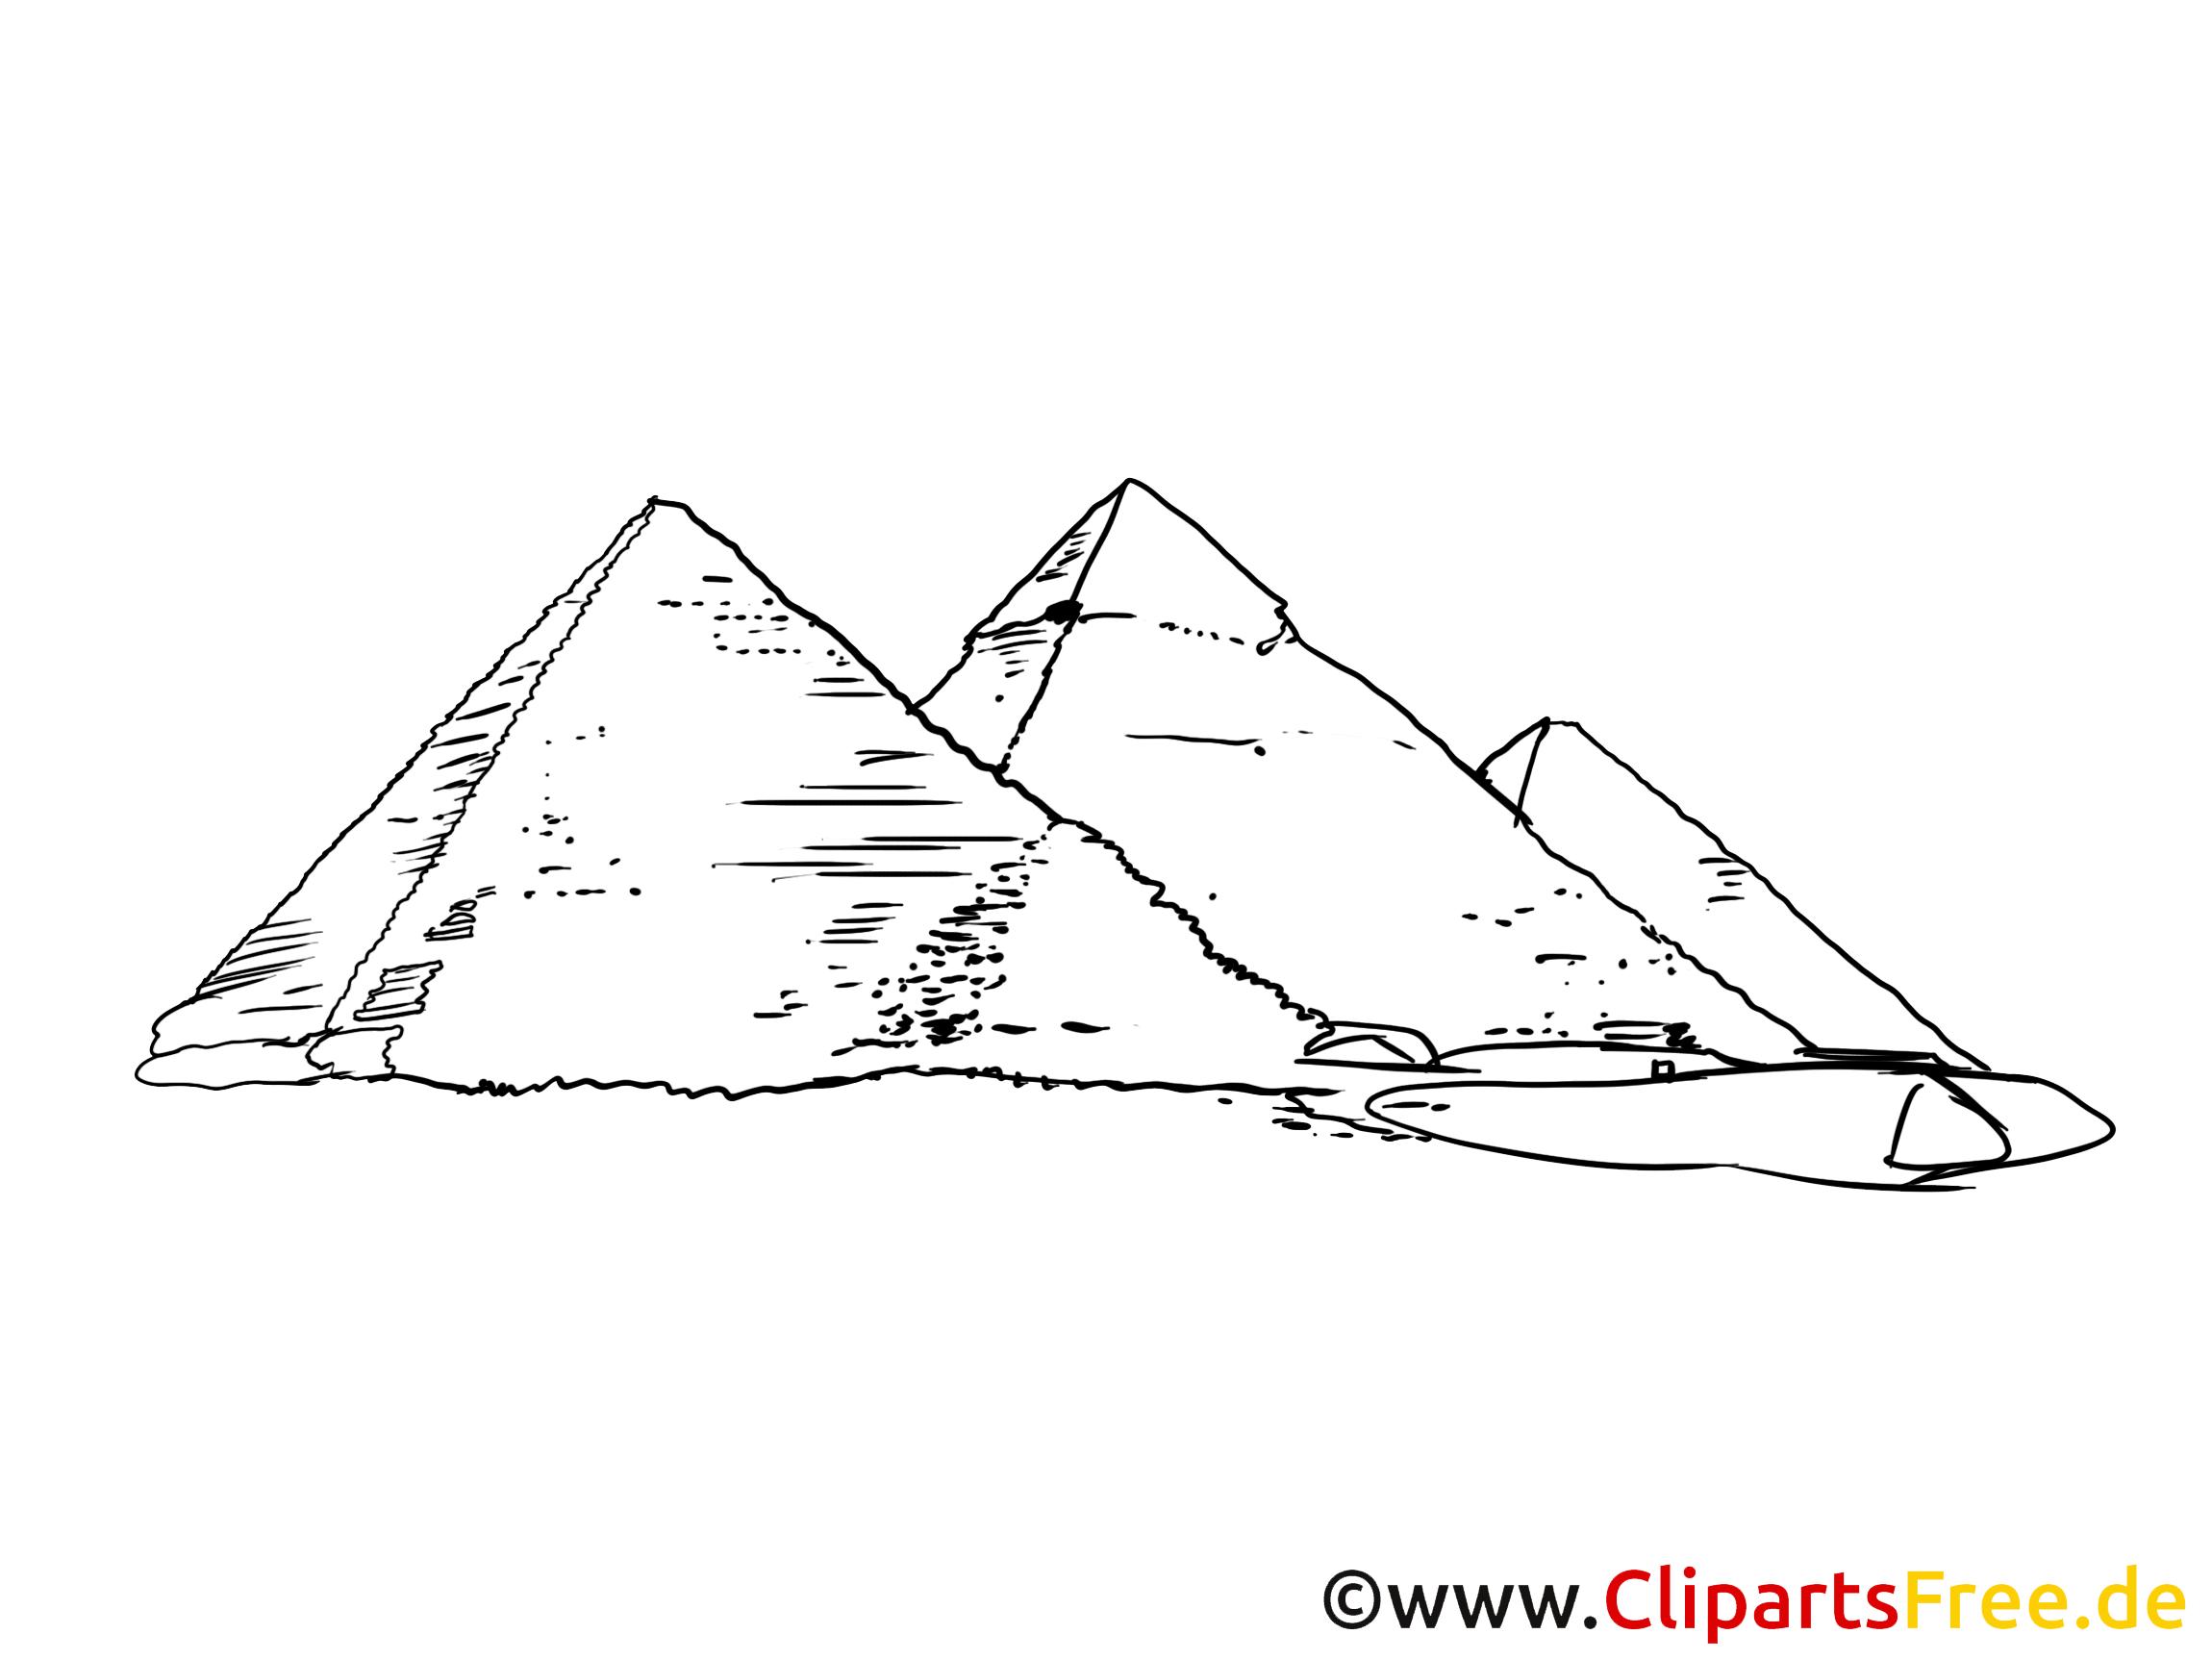 Pyramiden Bild, Zeichnung, Clipart gratis.